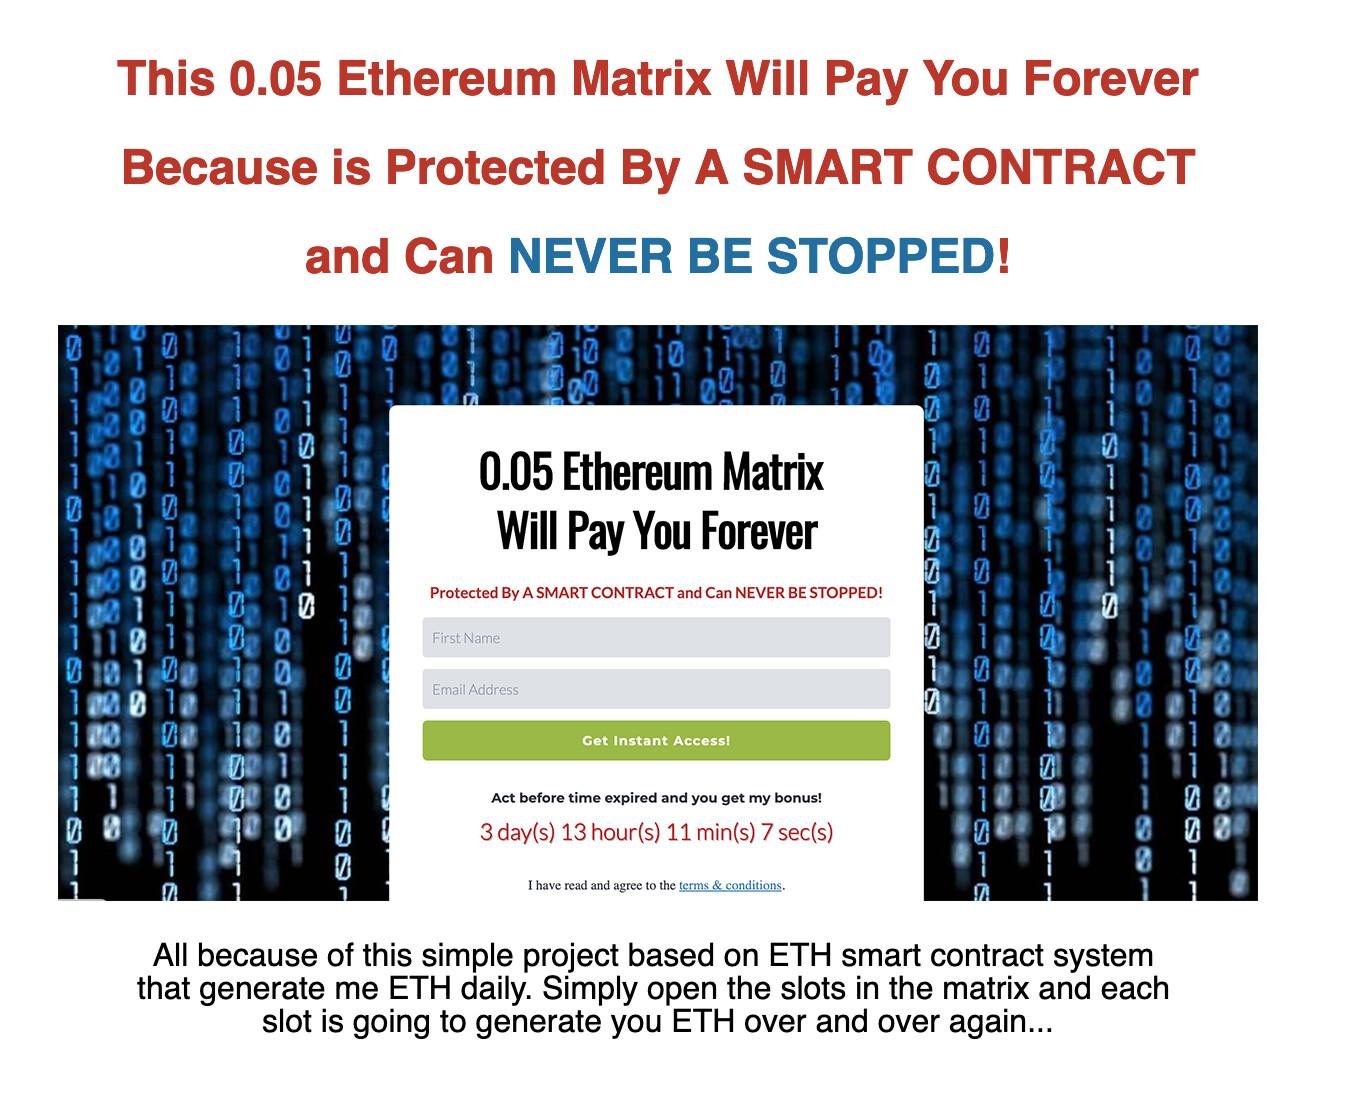 matrix.ethhero.com